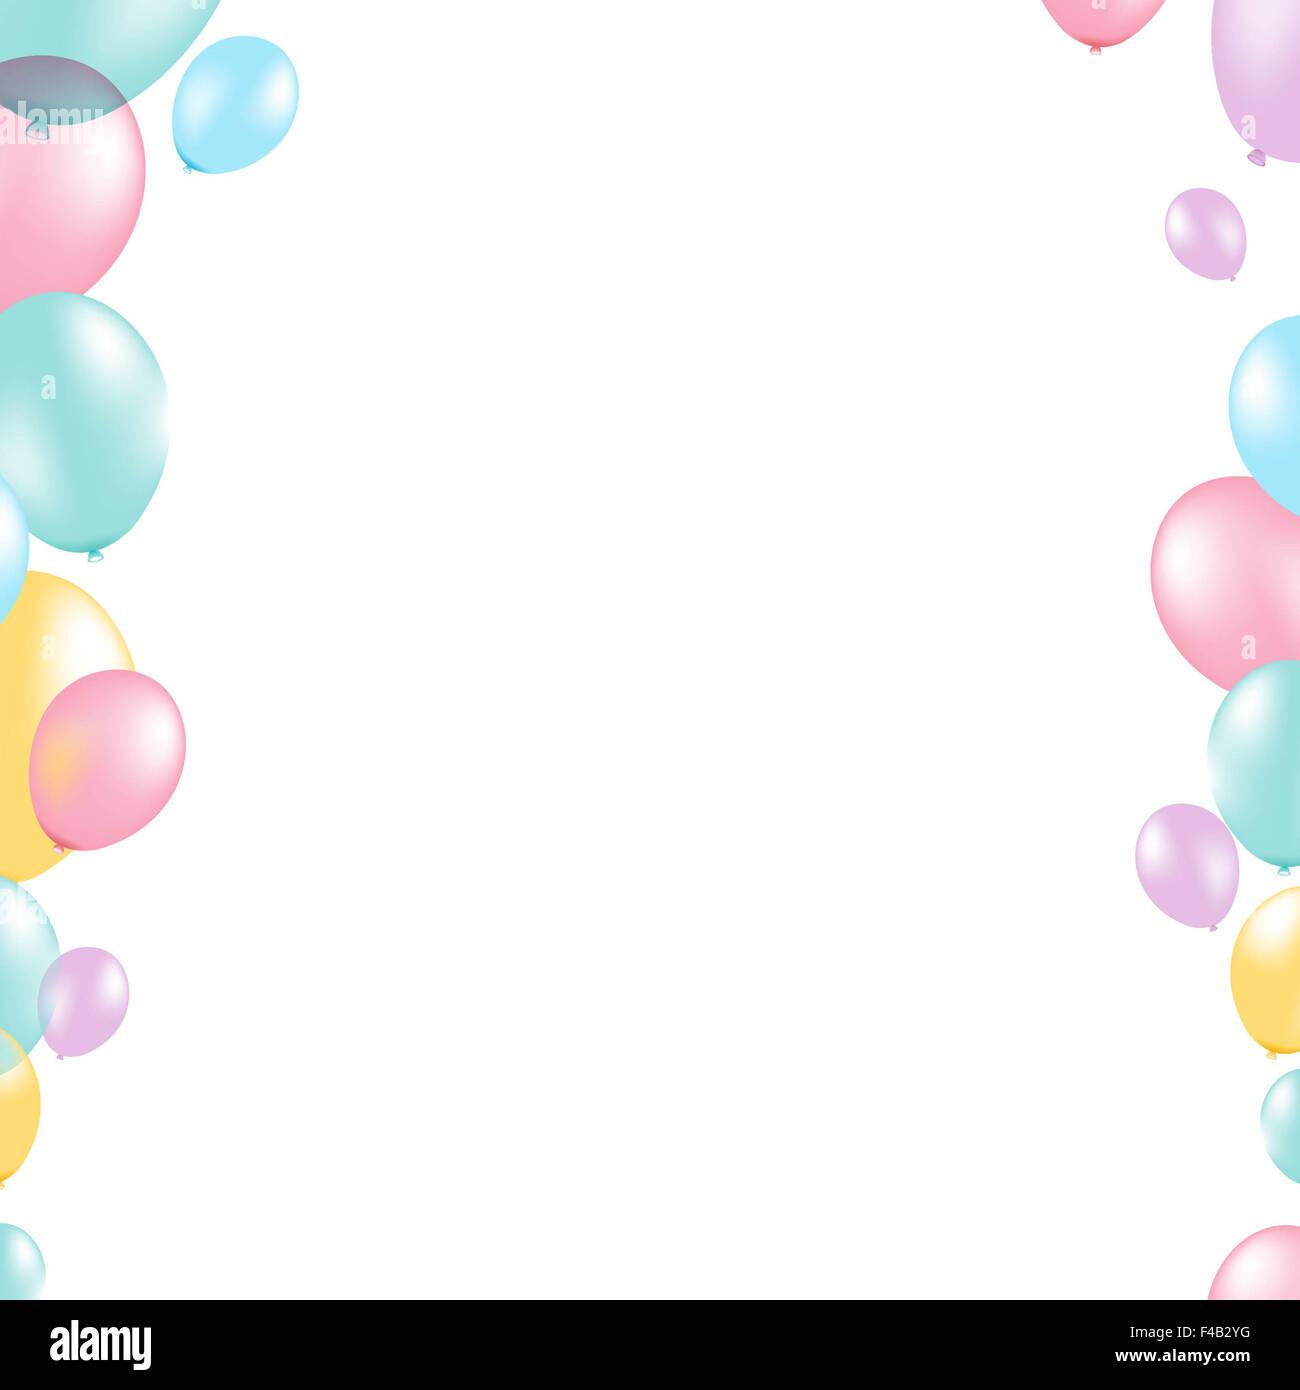 Balloon Border Carnival Celebration Stockfotos & Balloon Border ...